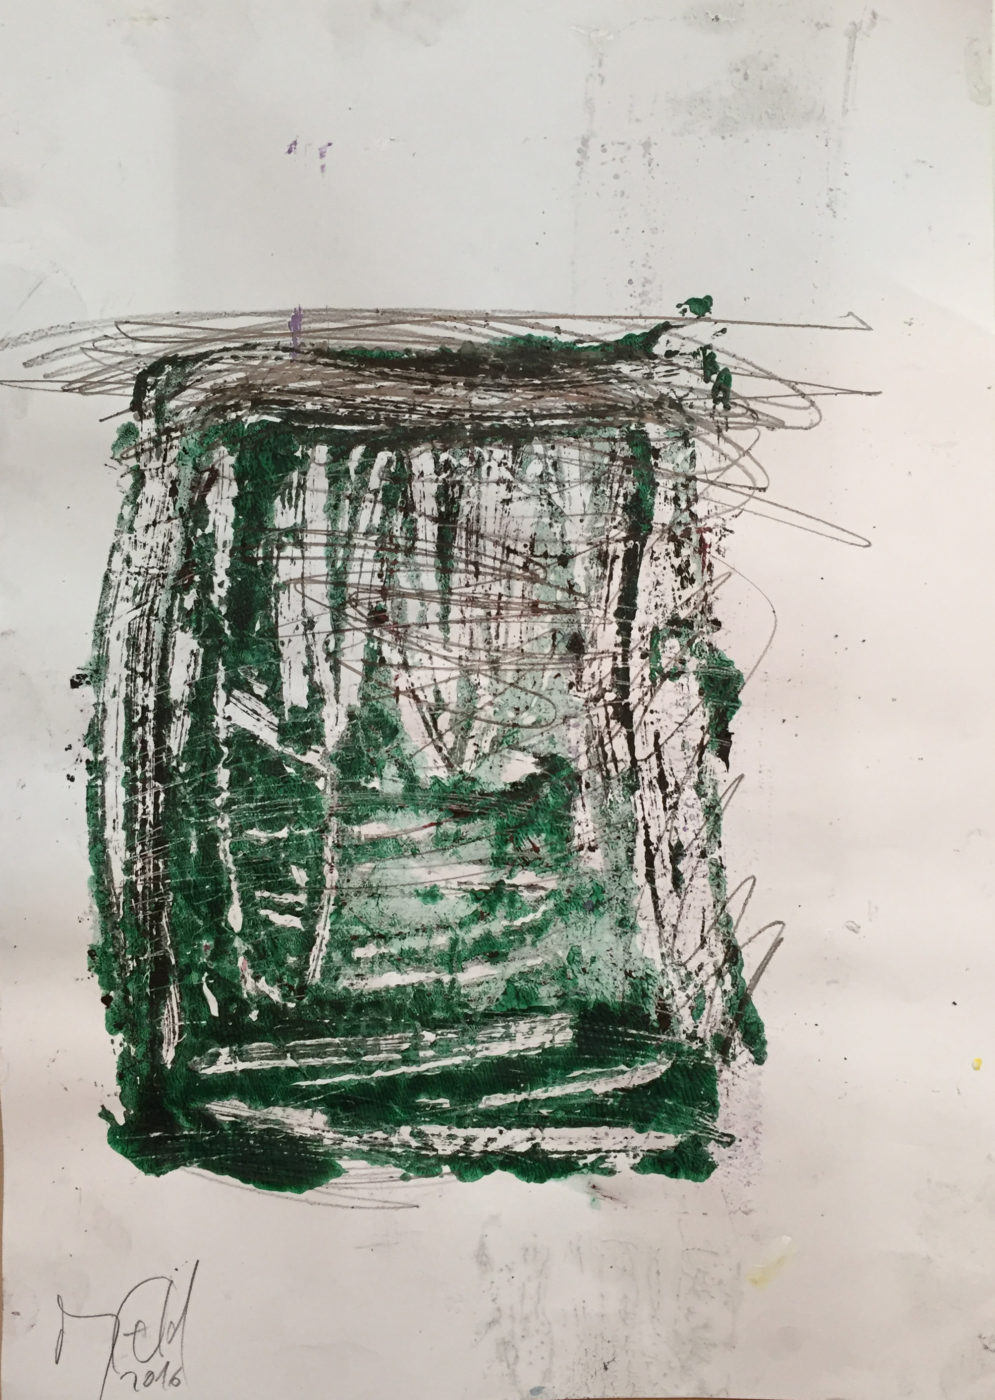 MARC FELD 2016 LÉVITATION Huile, mine de plomb et acrylique sur papier 29,7 x 21 cm